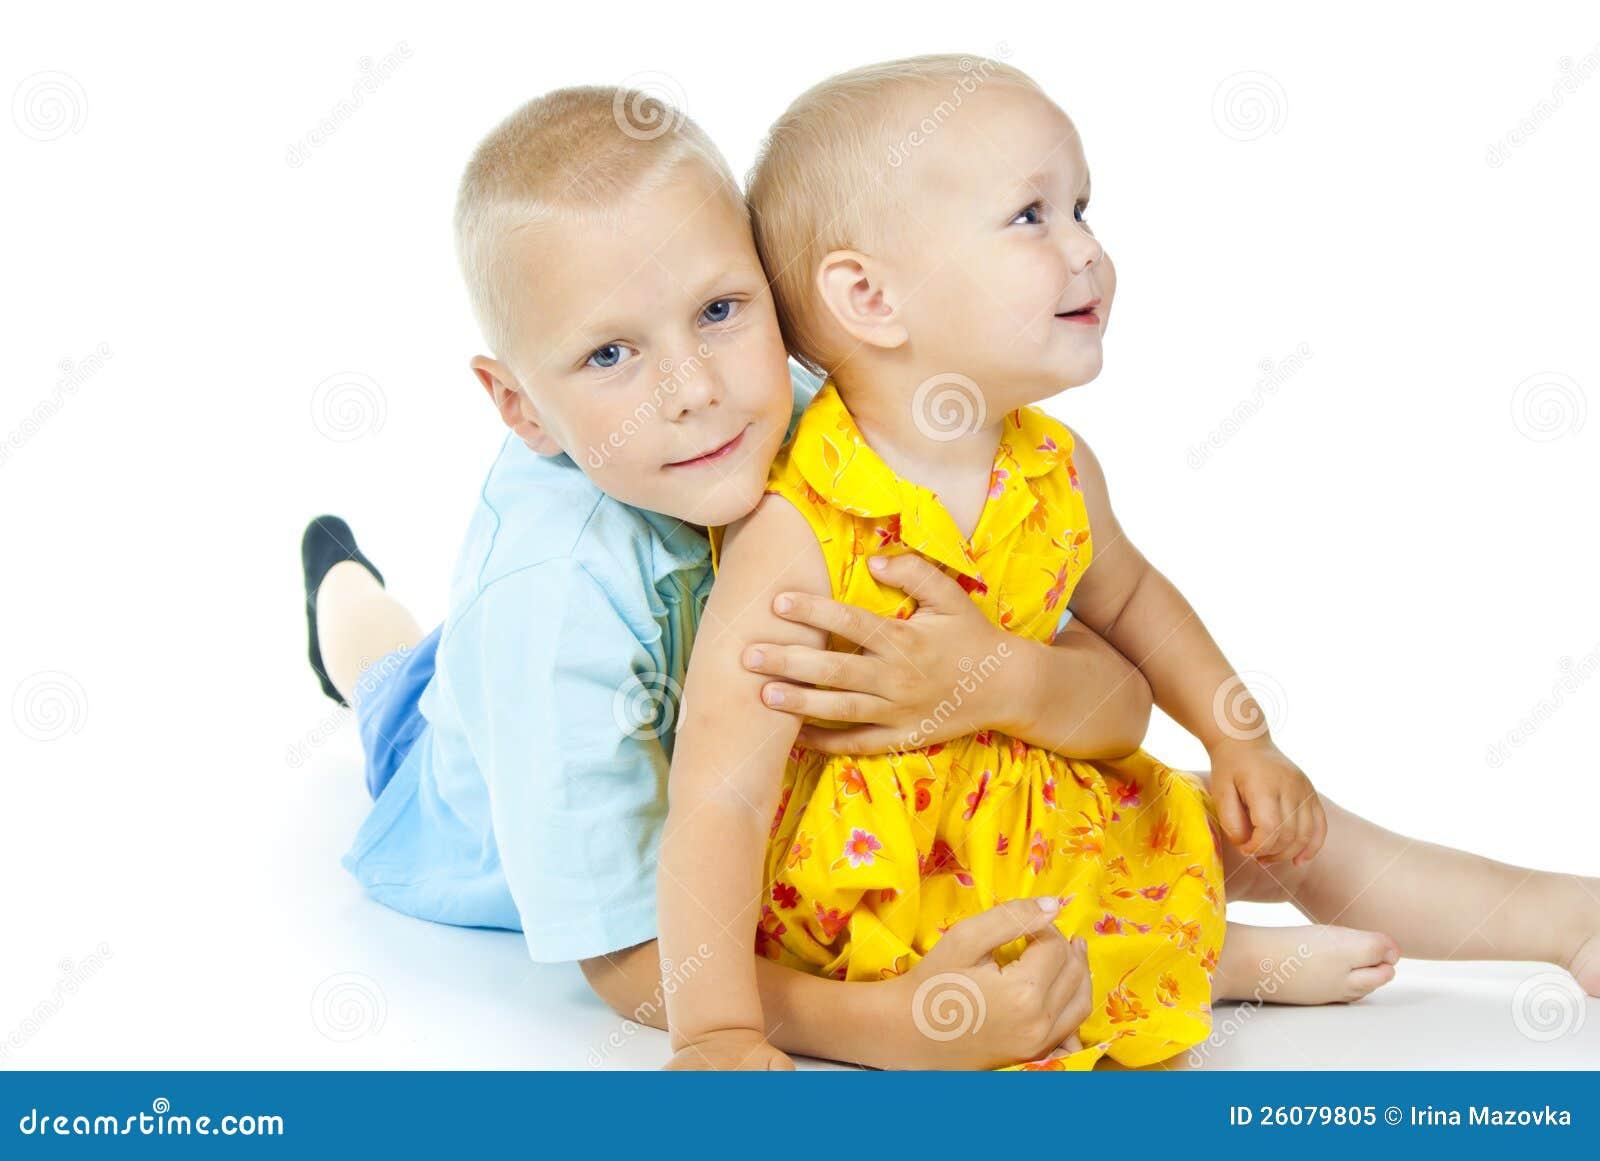 El niño pequeño abraza a una muchacha